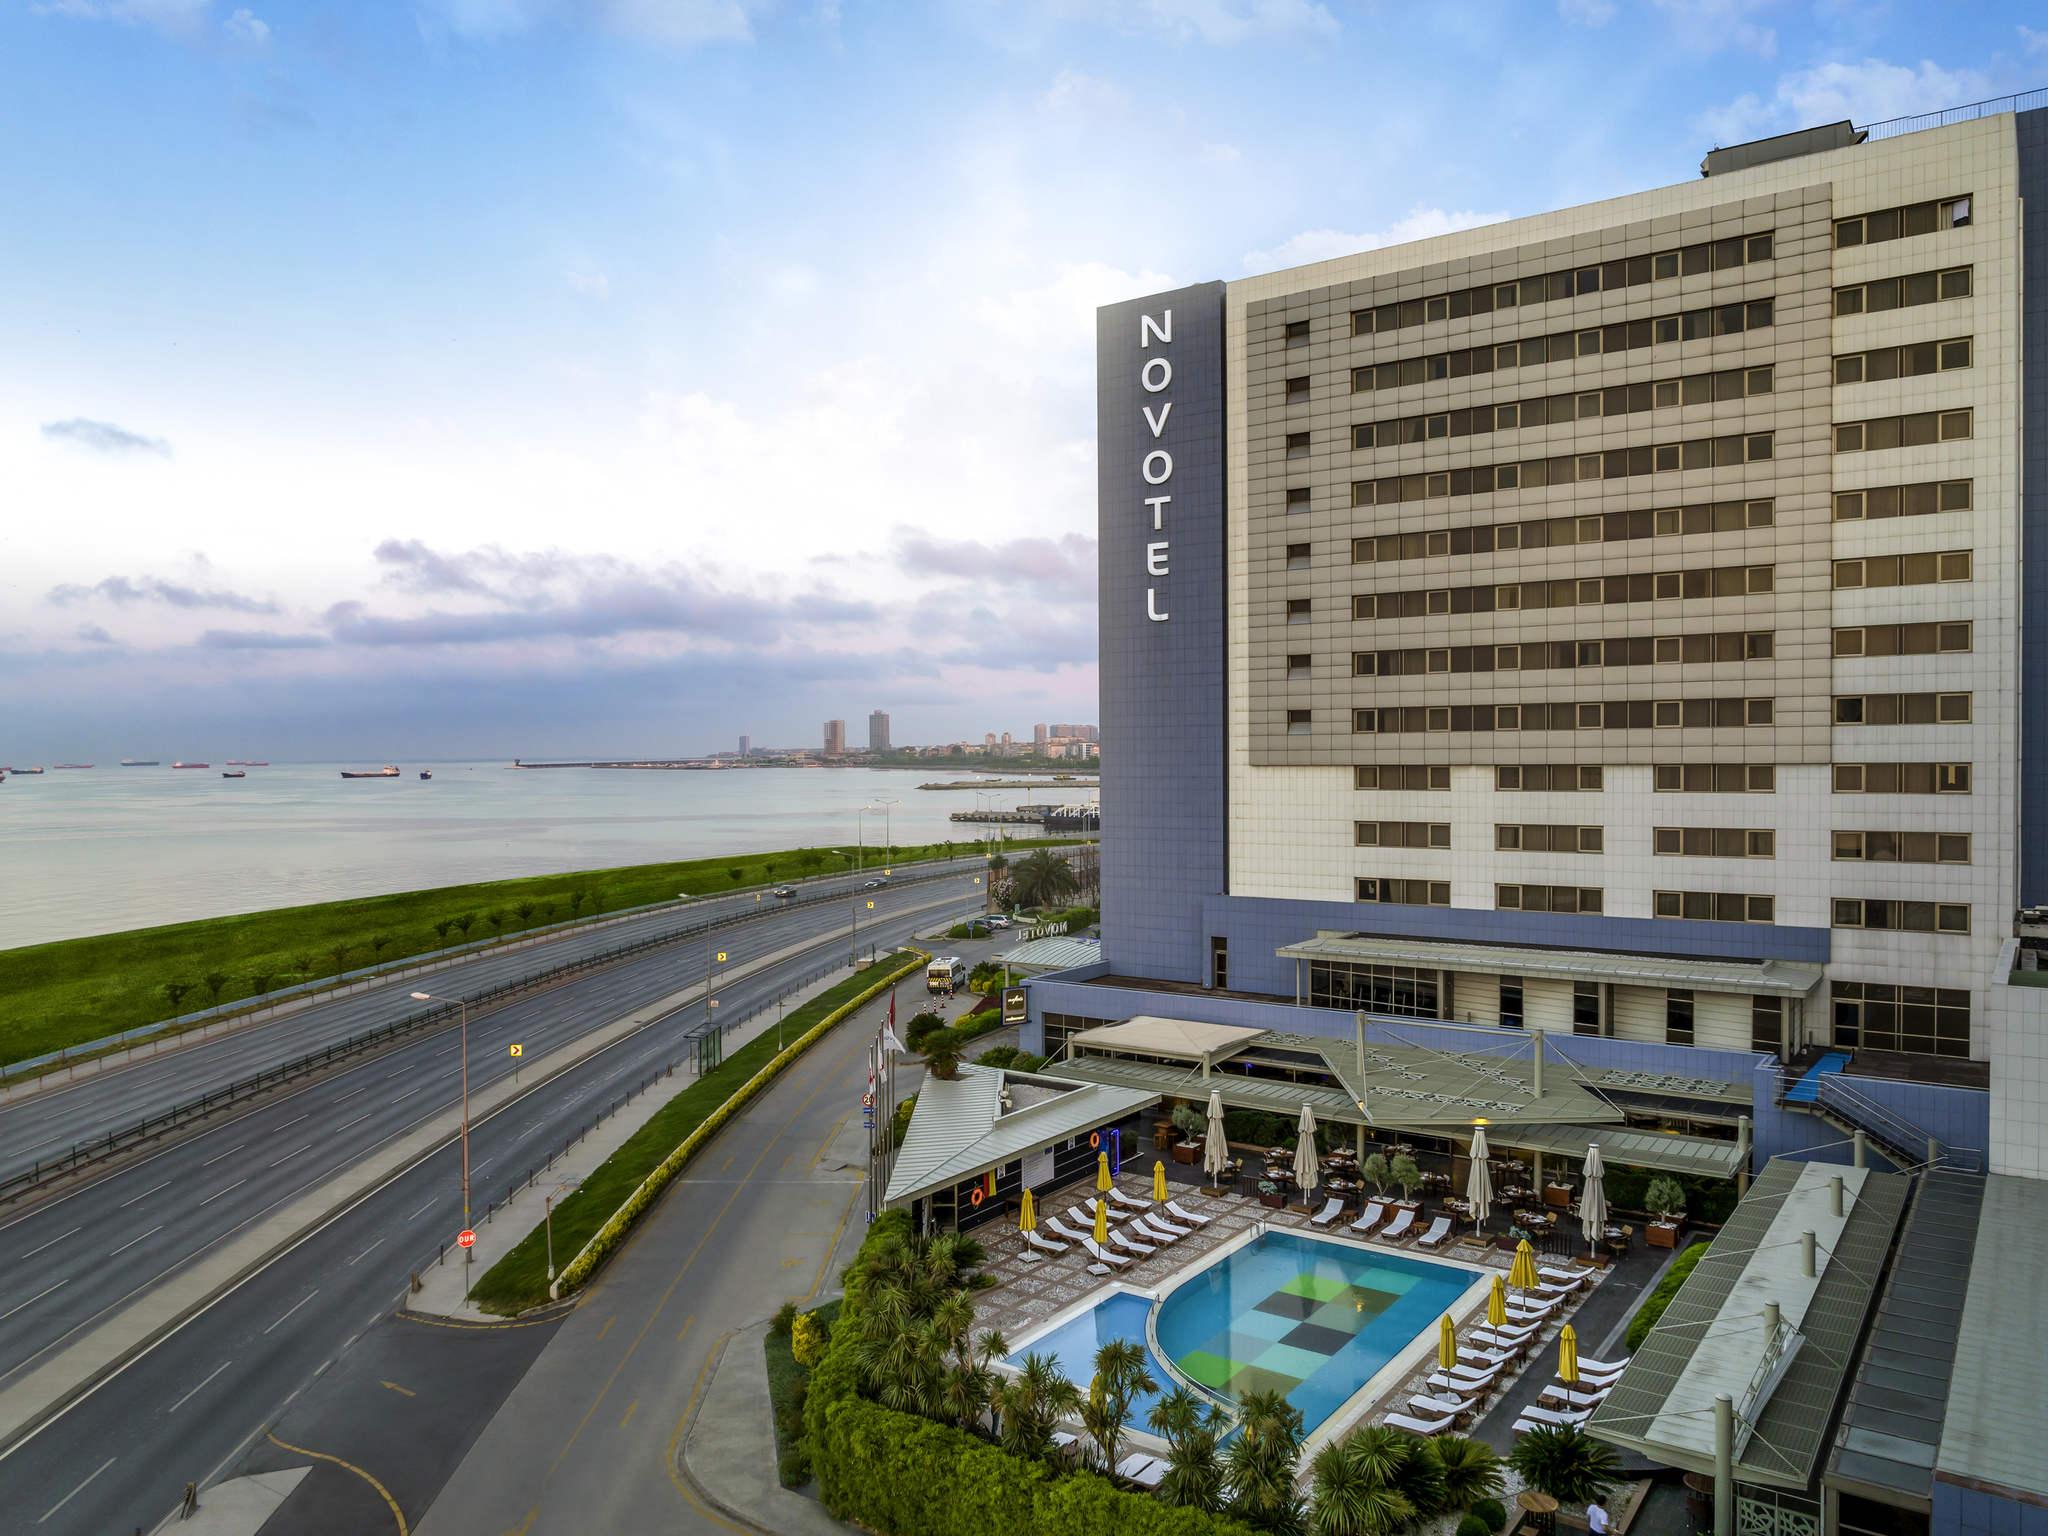 Otel – Novotel Istanbul Zeytinburnu